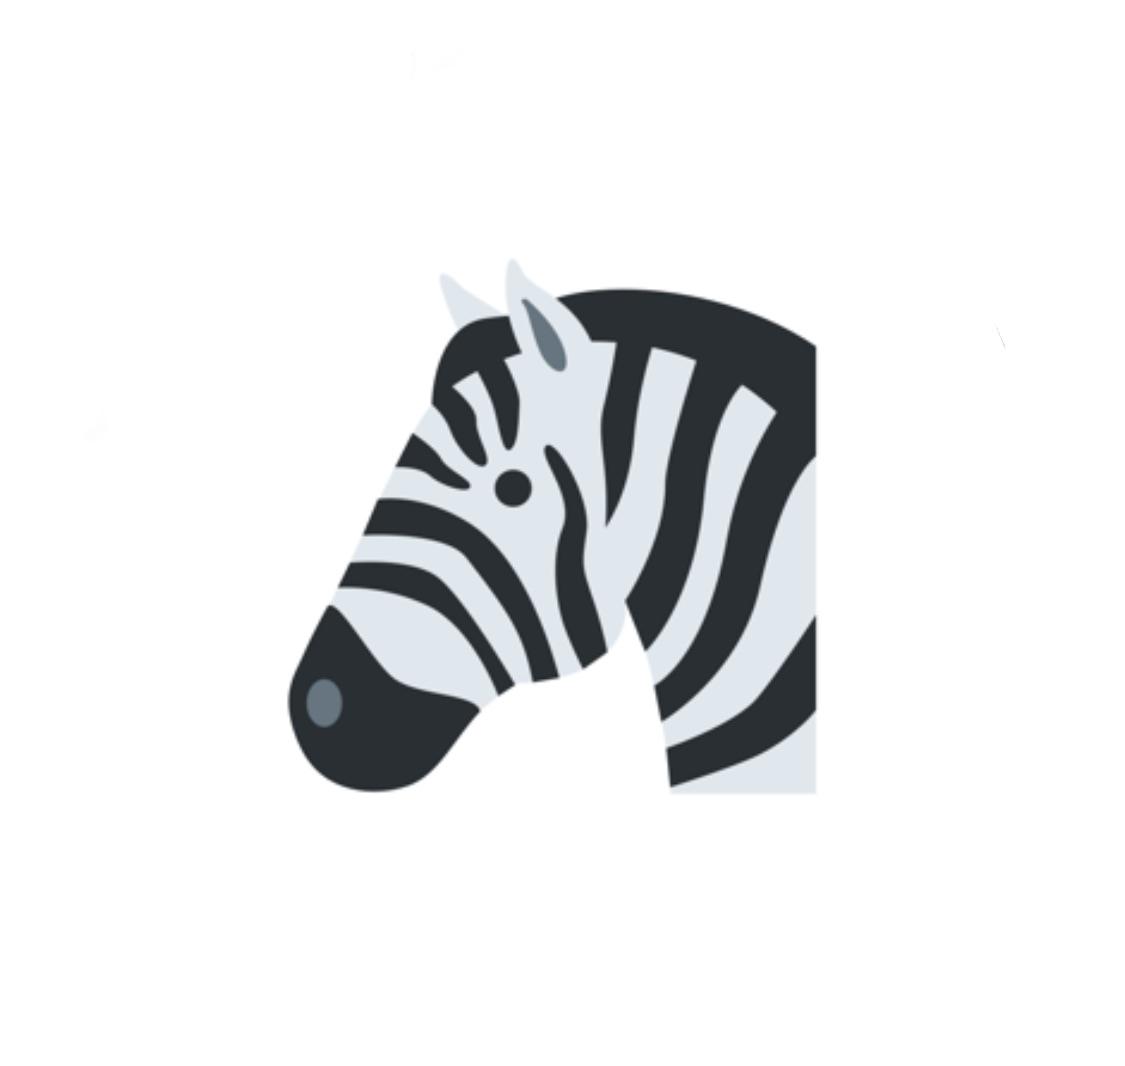 Zebra v1.0.7 memperbaiki kerusakan saat menyortir repositori berdasarkan abjad 1